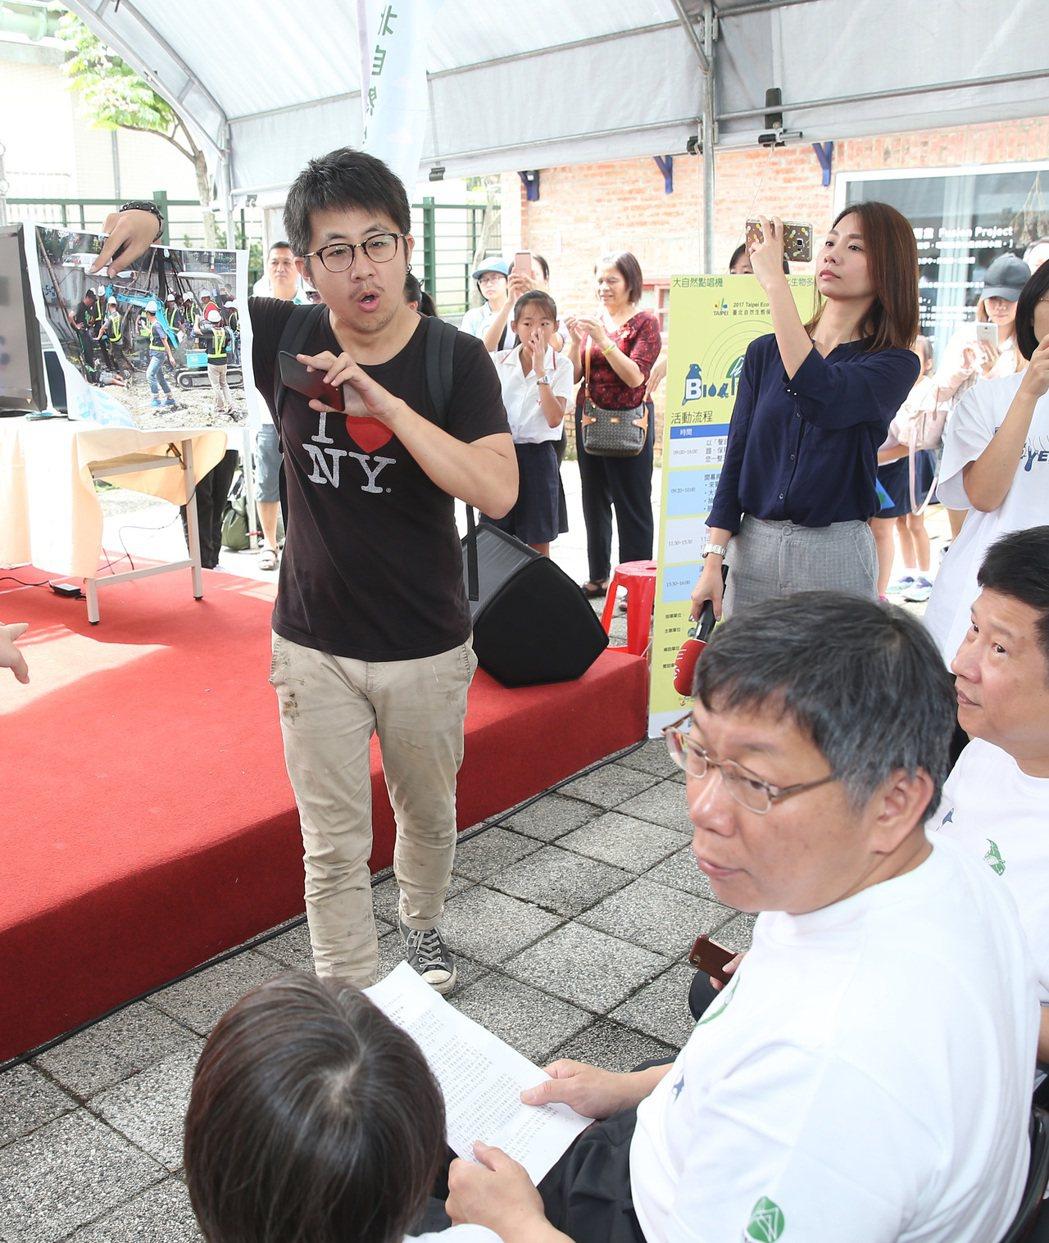 2017臺北自然生態保育活動上午舉行,以聲音和生物的多樣性為主題,進行保育活動,...